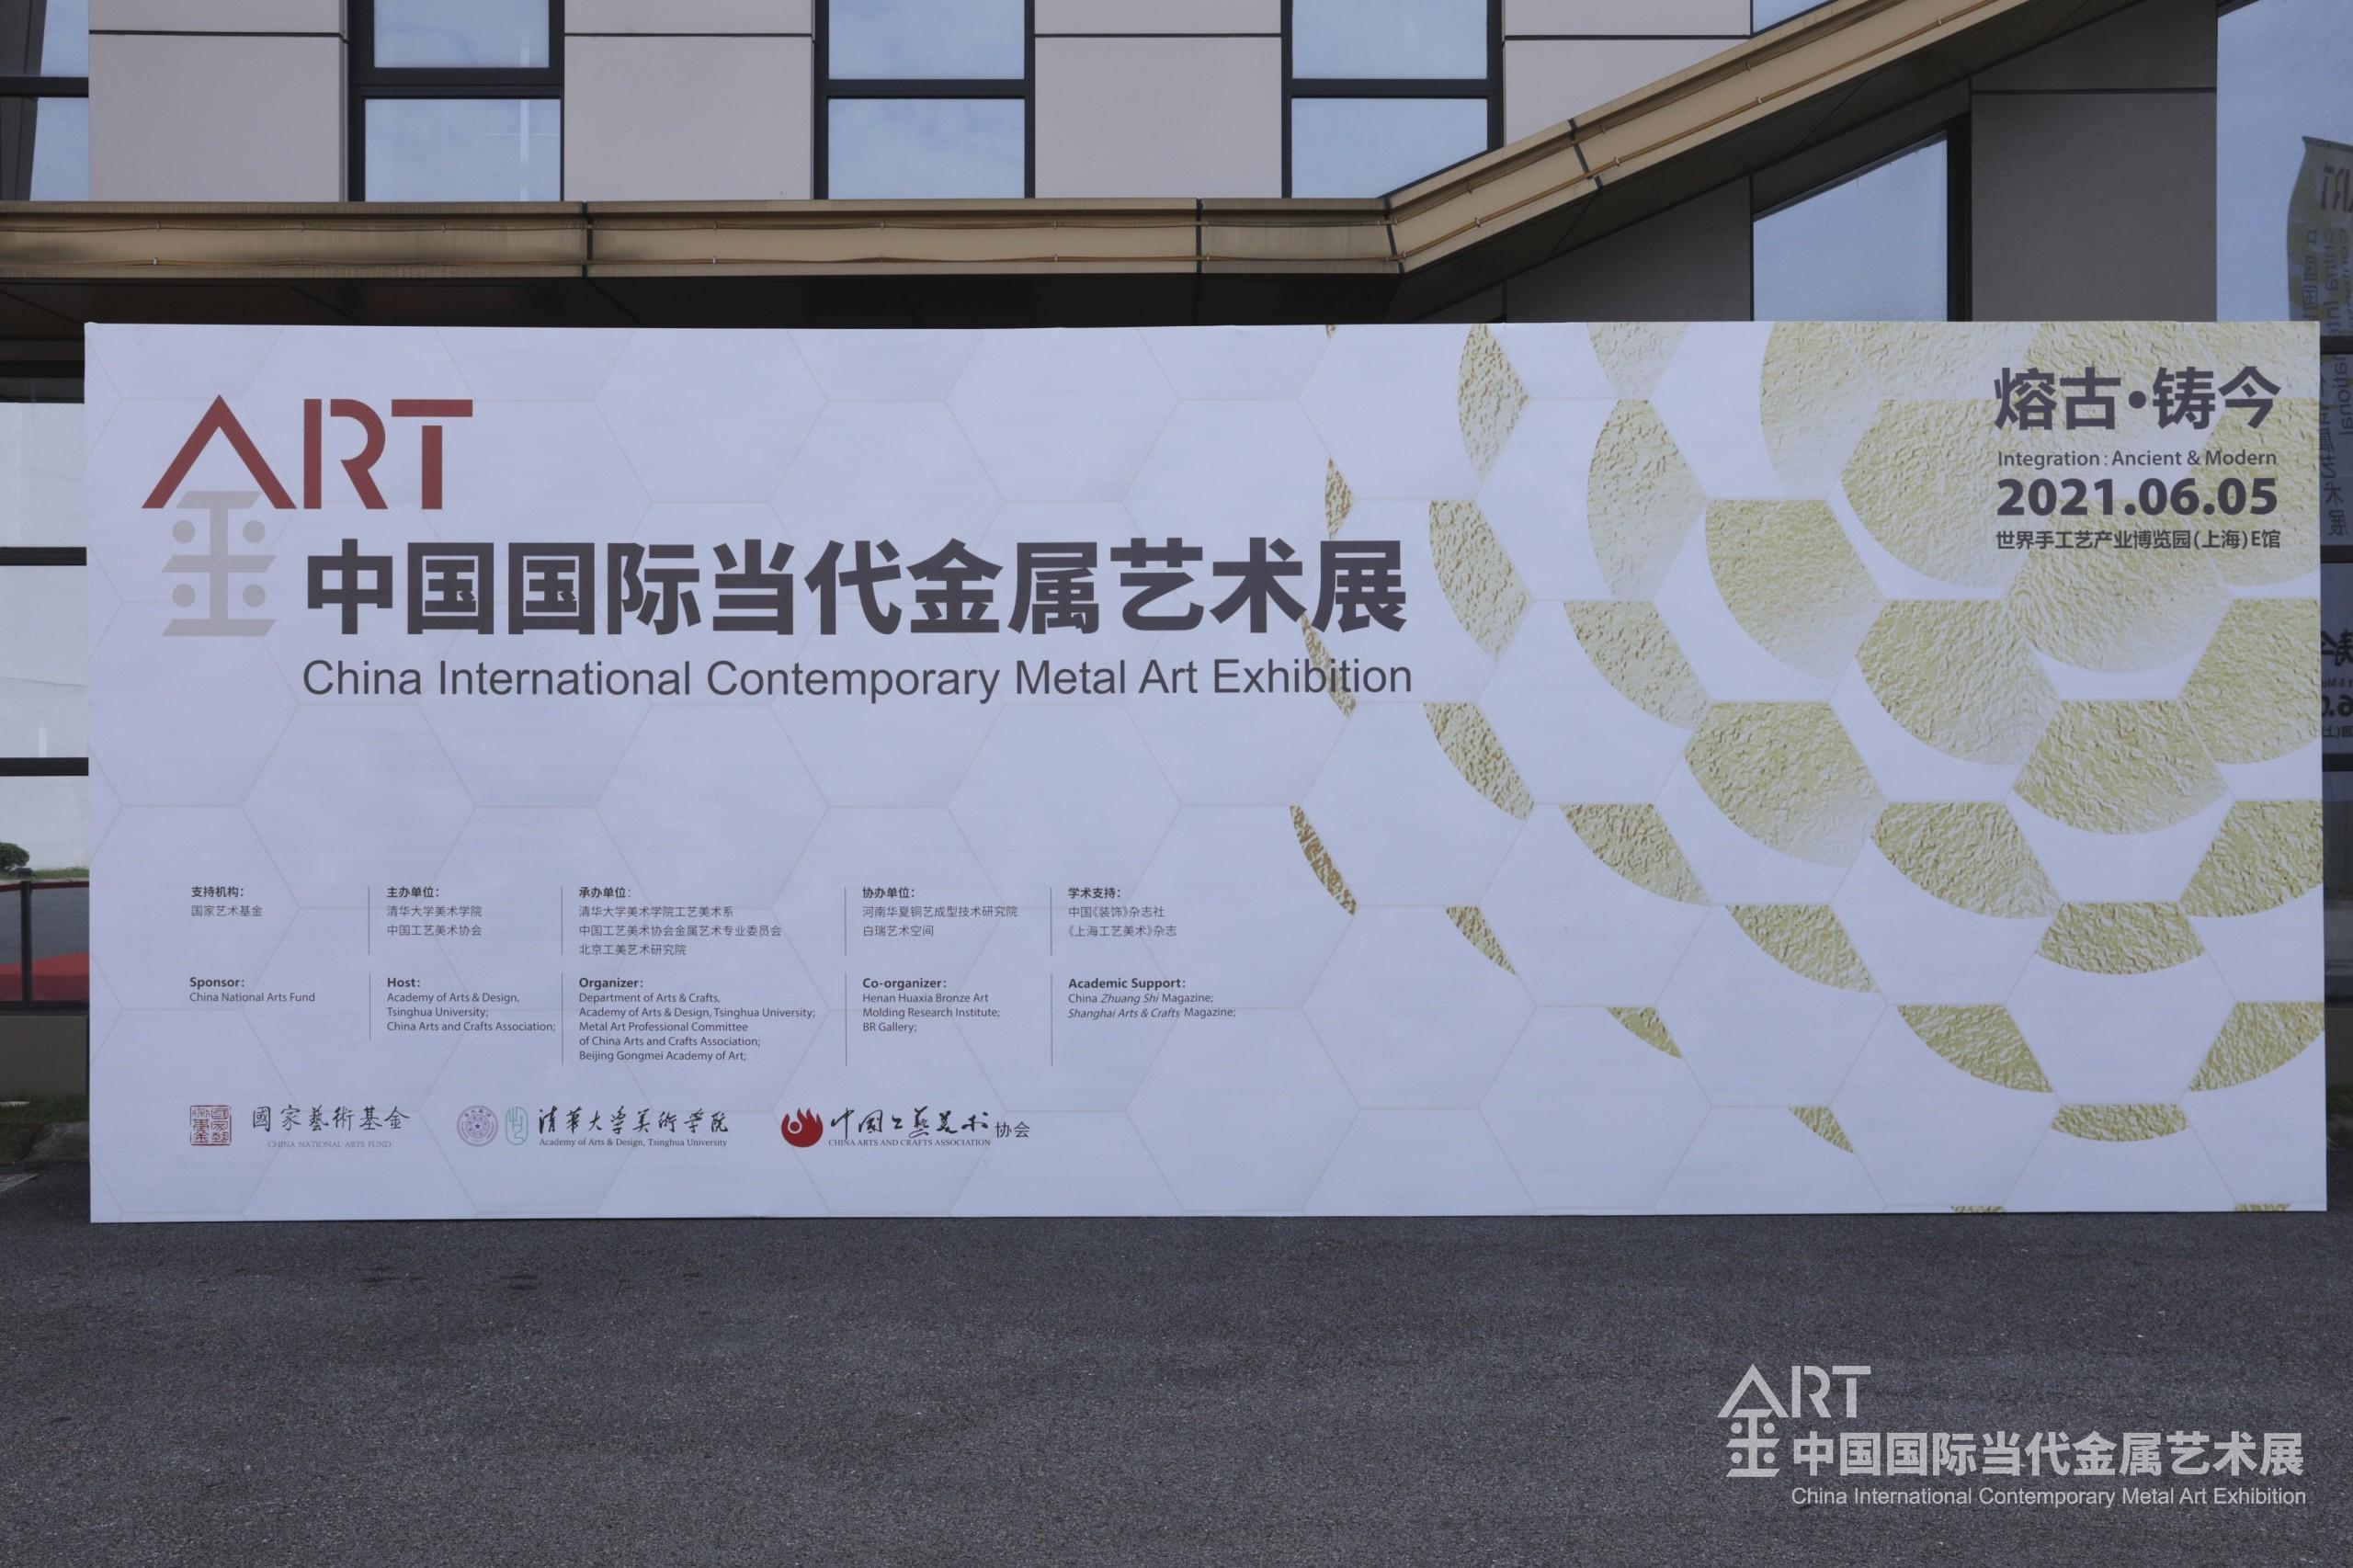 熔古鑄今 精彩紛呈 —河南華夏銅藝研究院再次進軍國際金屬藝術展